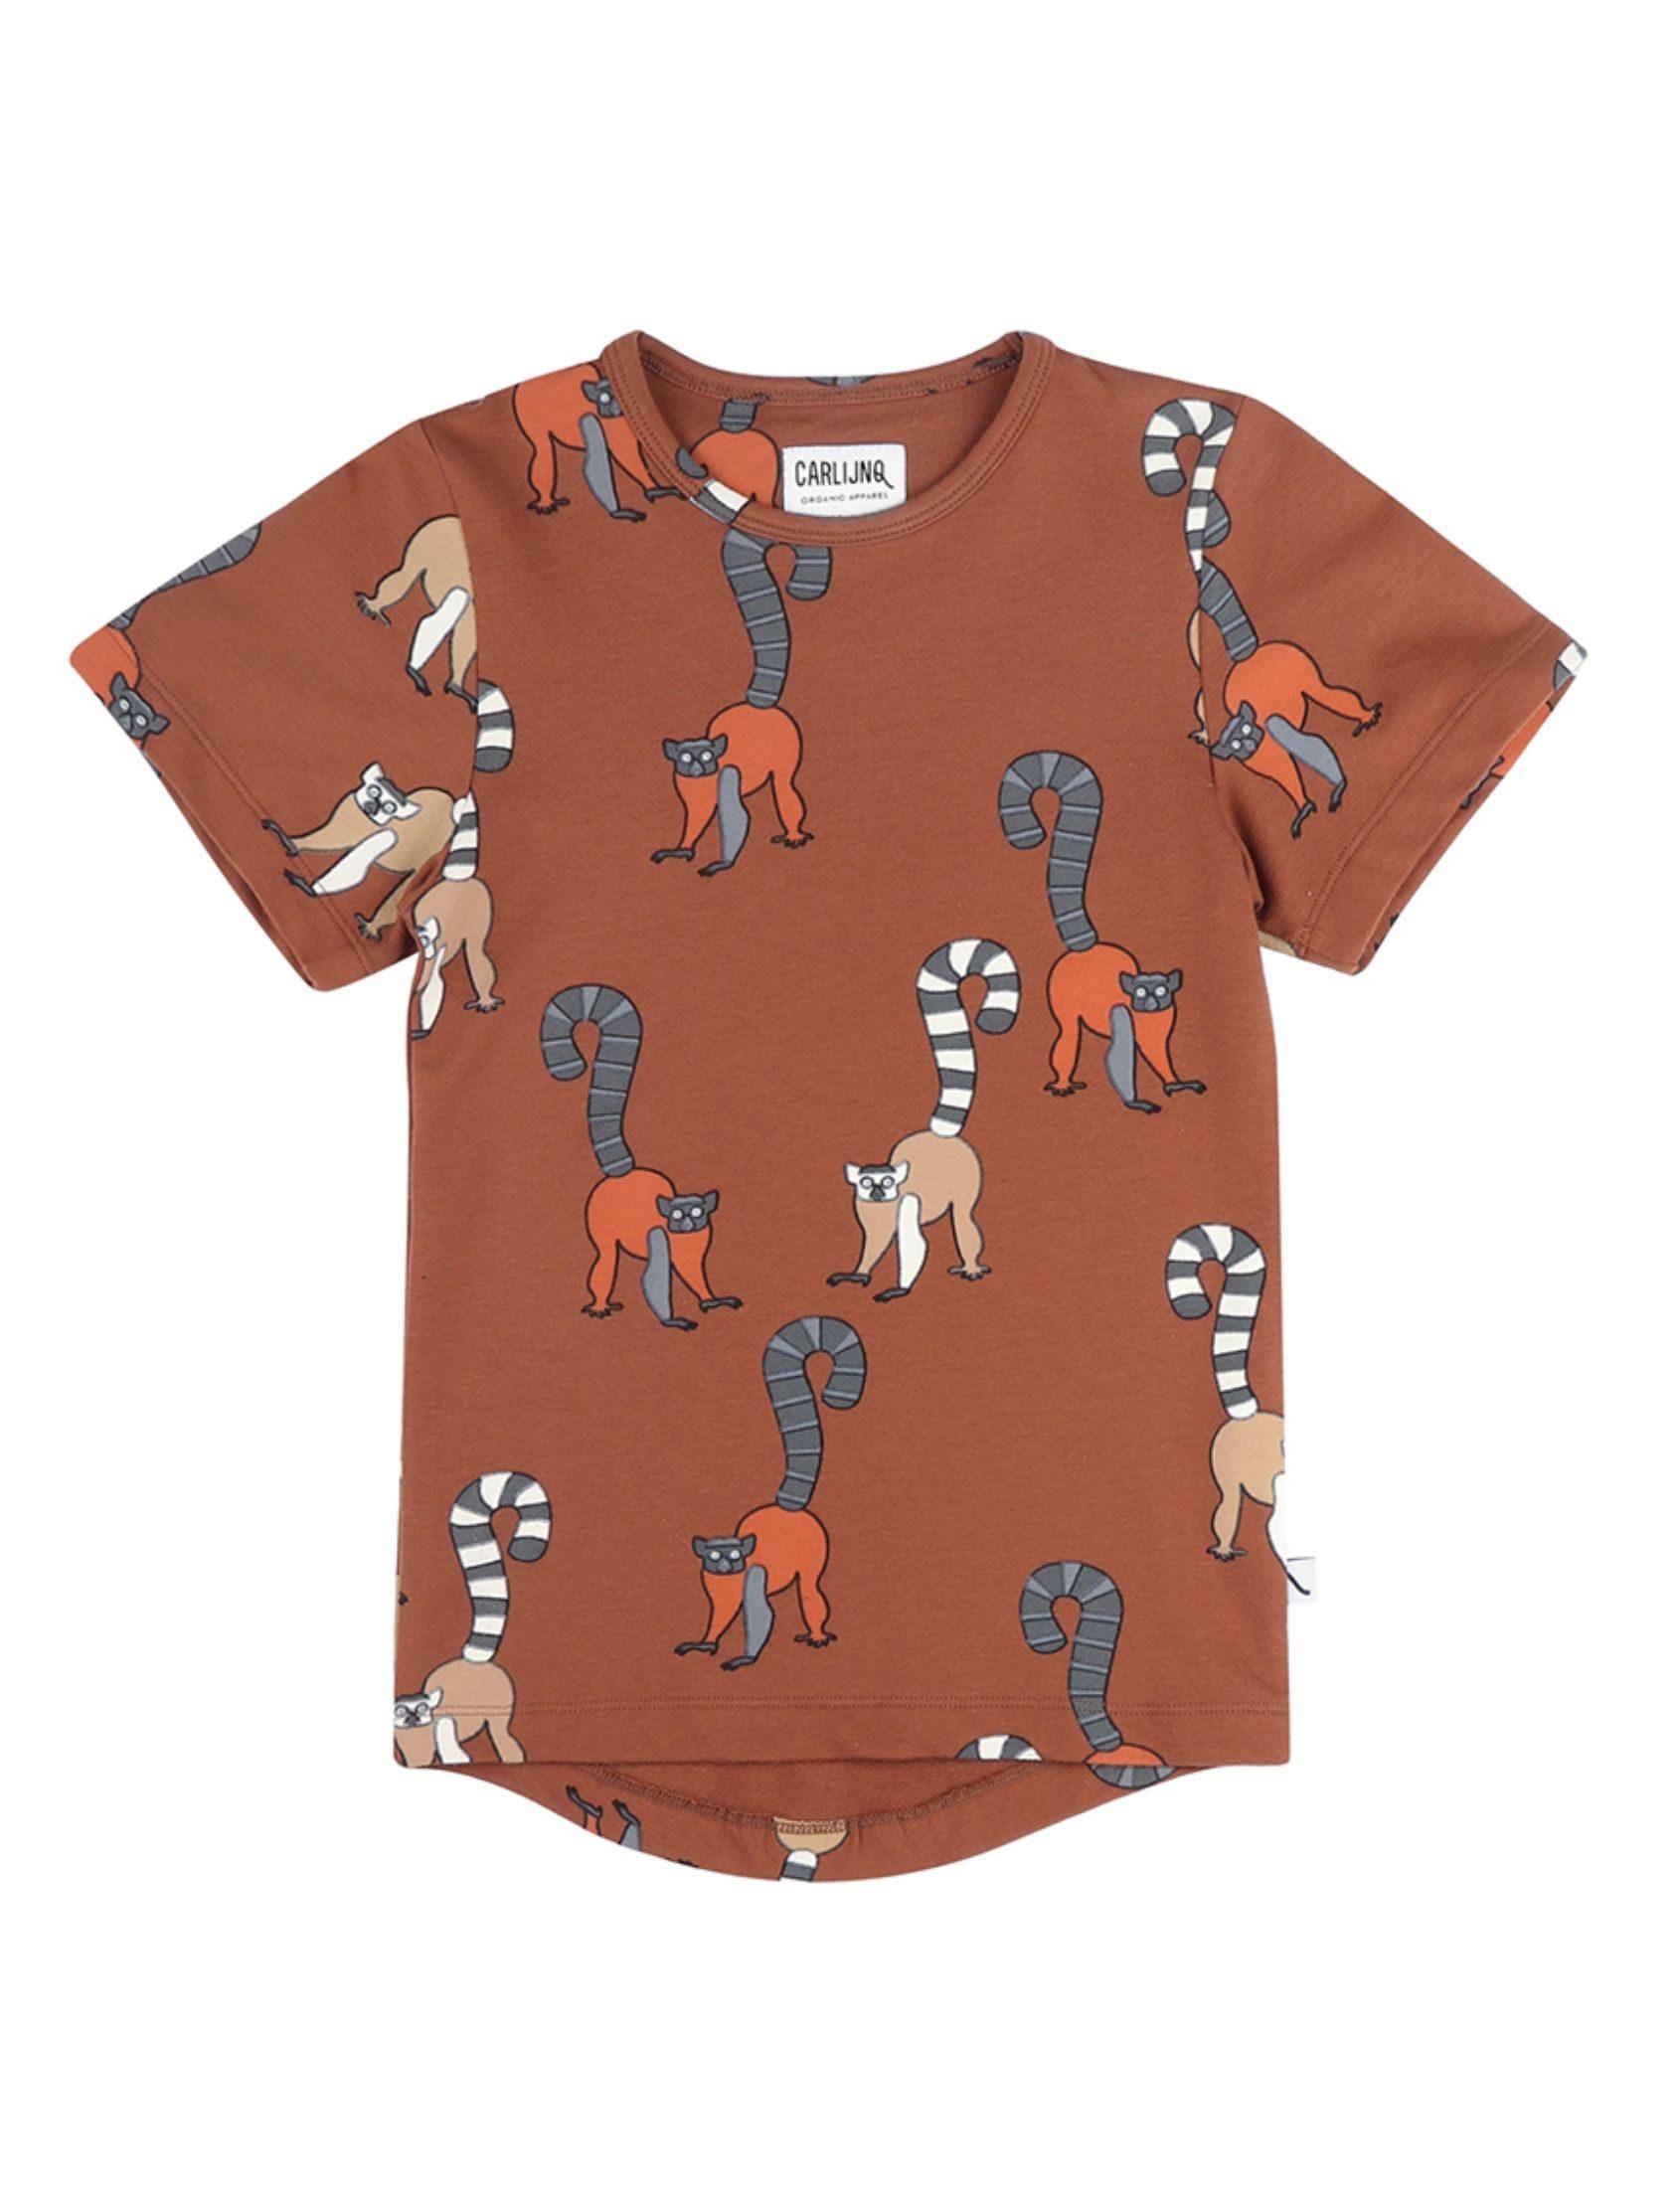 camiseta infantl con estampado animal en tono marron de carlijnq